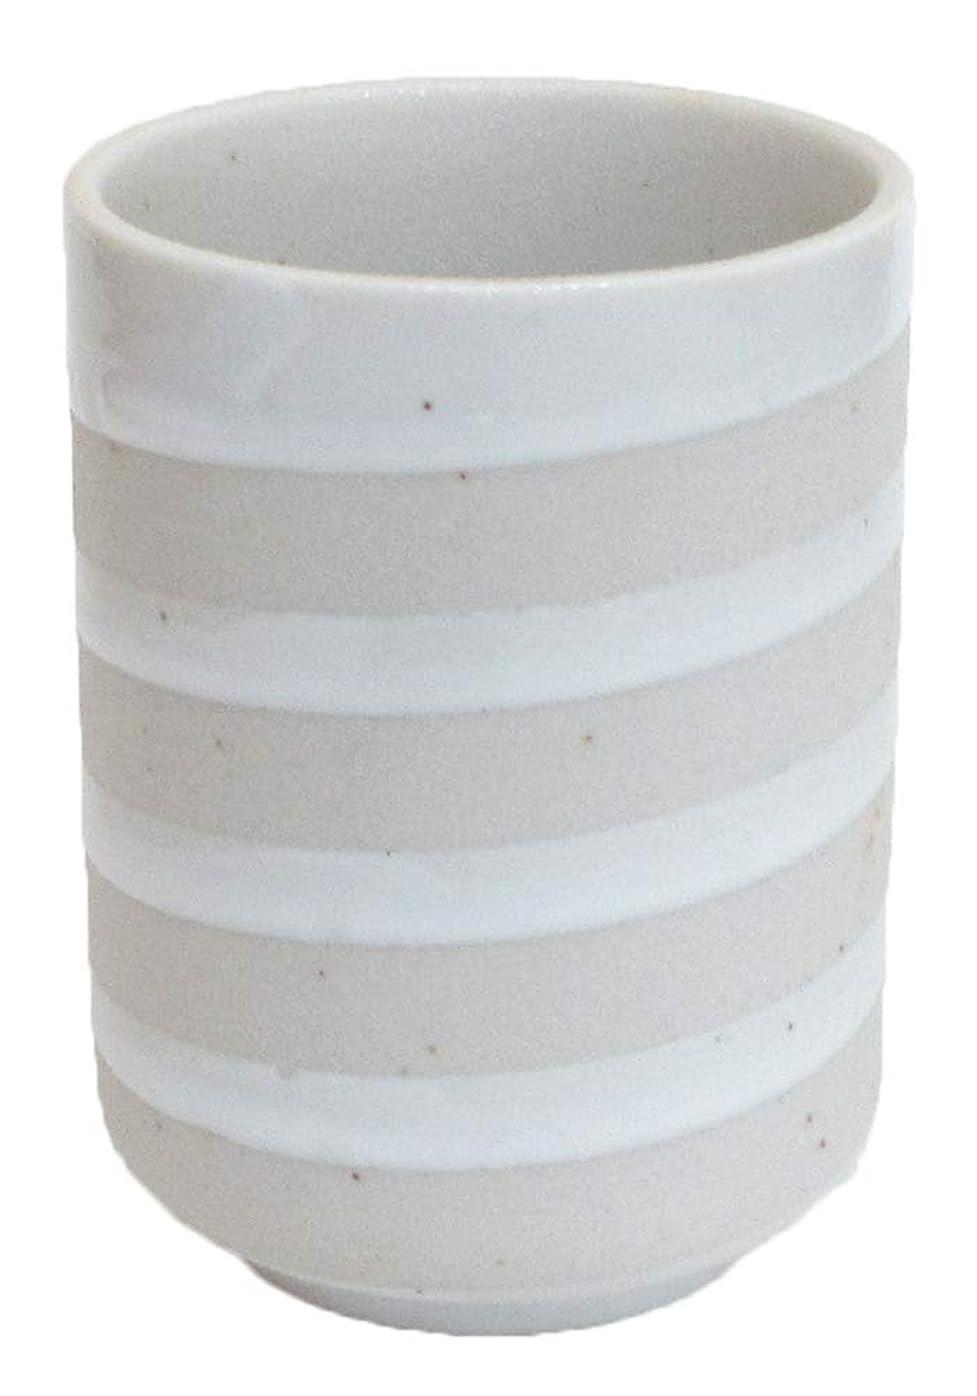 害擁する宝長湯呑み クリーム渦湯呑 業務用 美濃焼 7a554-41-1f